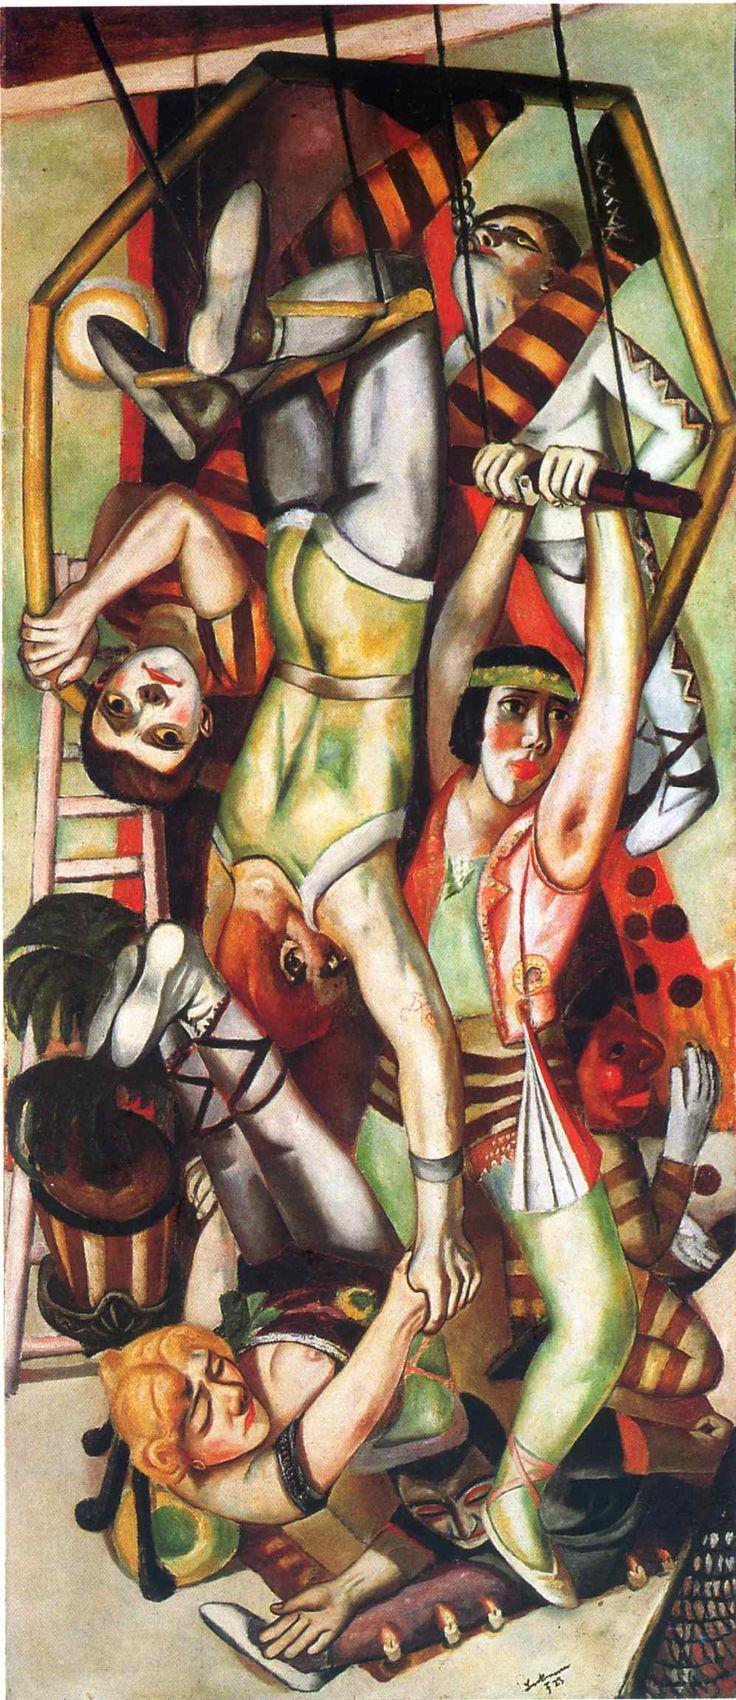 The Trapeze, 1923  by Max Beckmann (German,1884-1950) http://onework.ru/wp-content/uploads/art/Beckmann,%20Max/Max%20Beckmann%20162.jpg